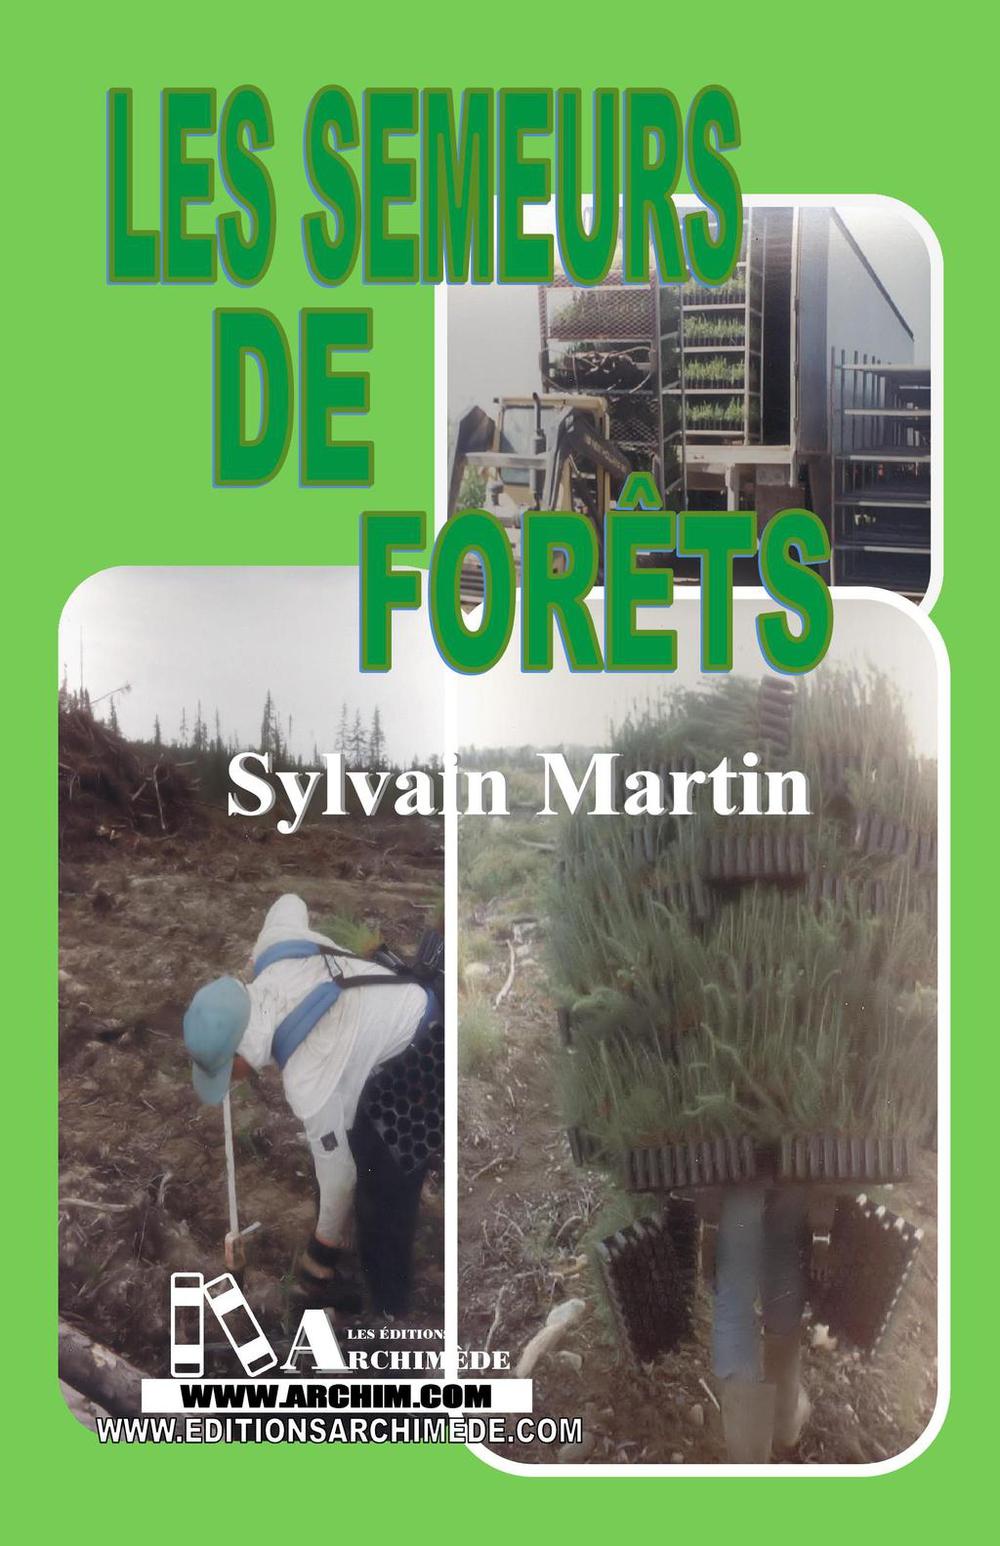 Semeurs de forêts (Les)